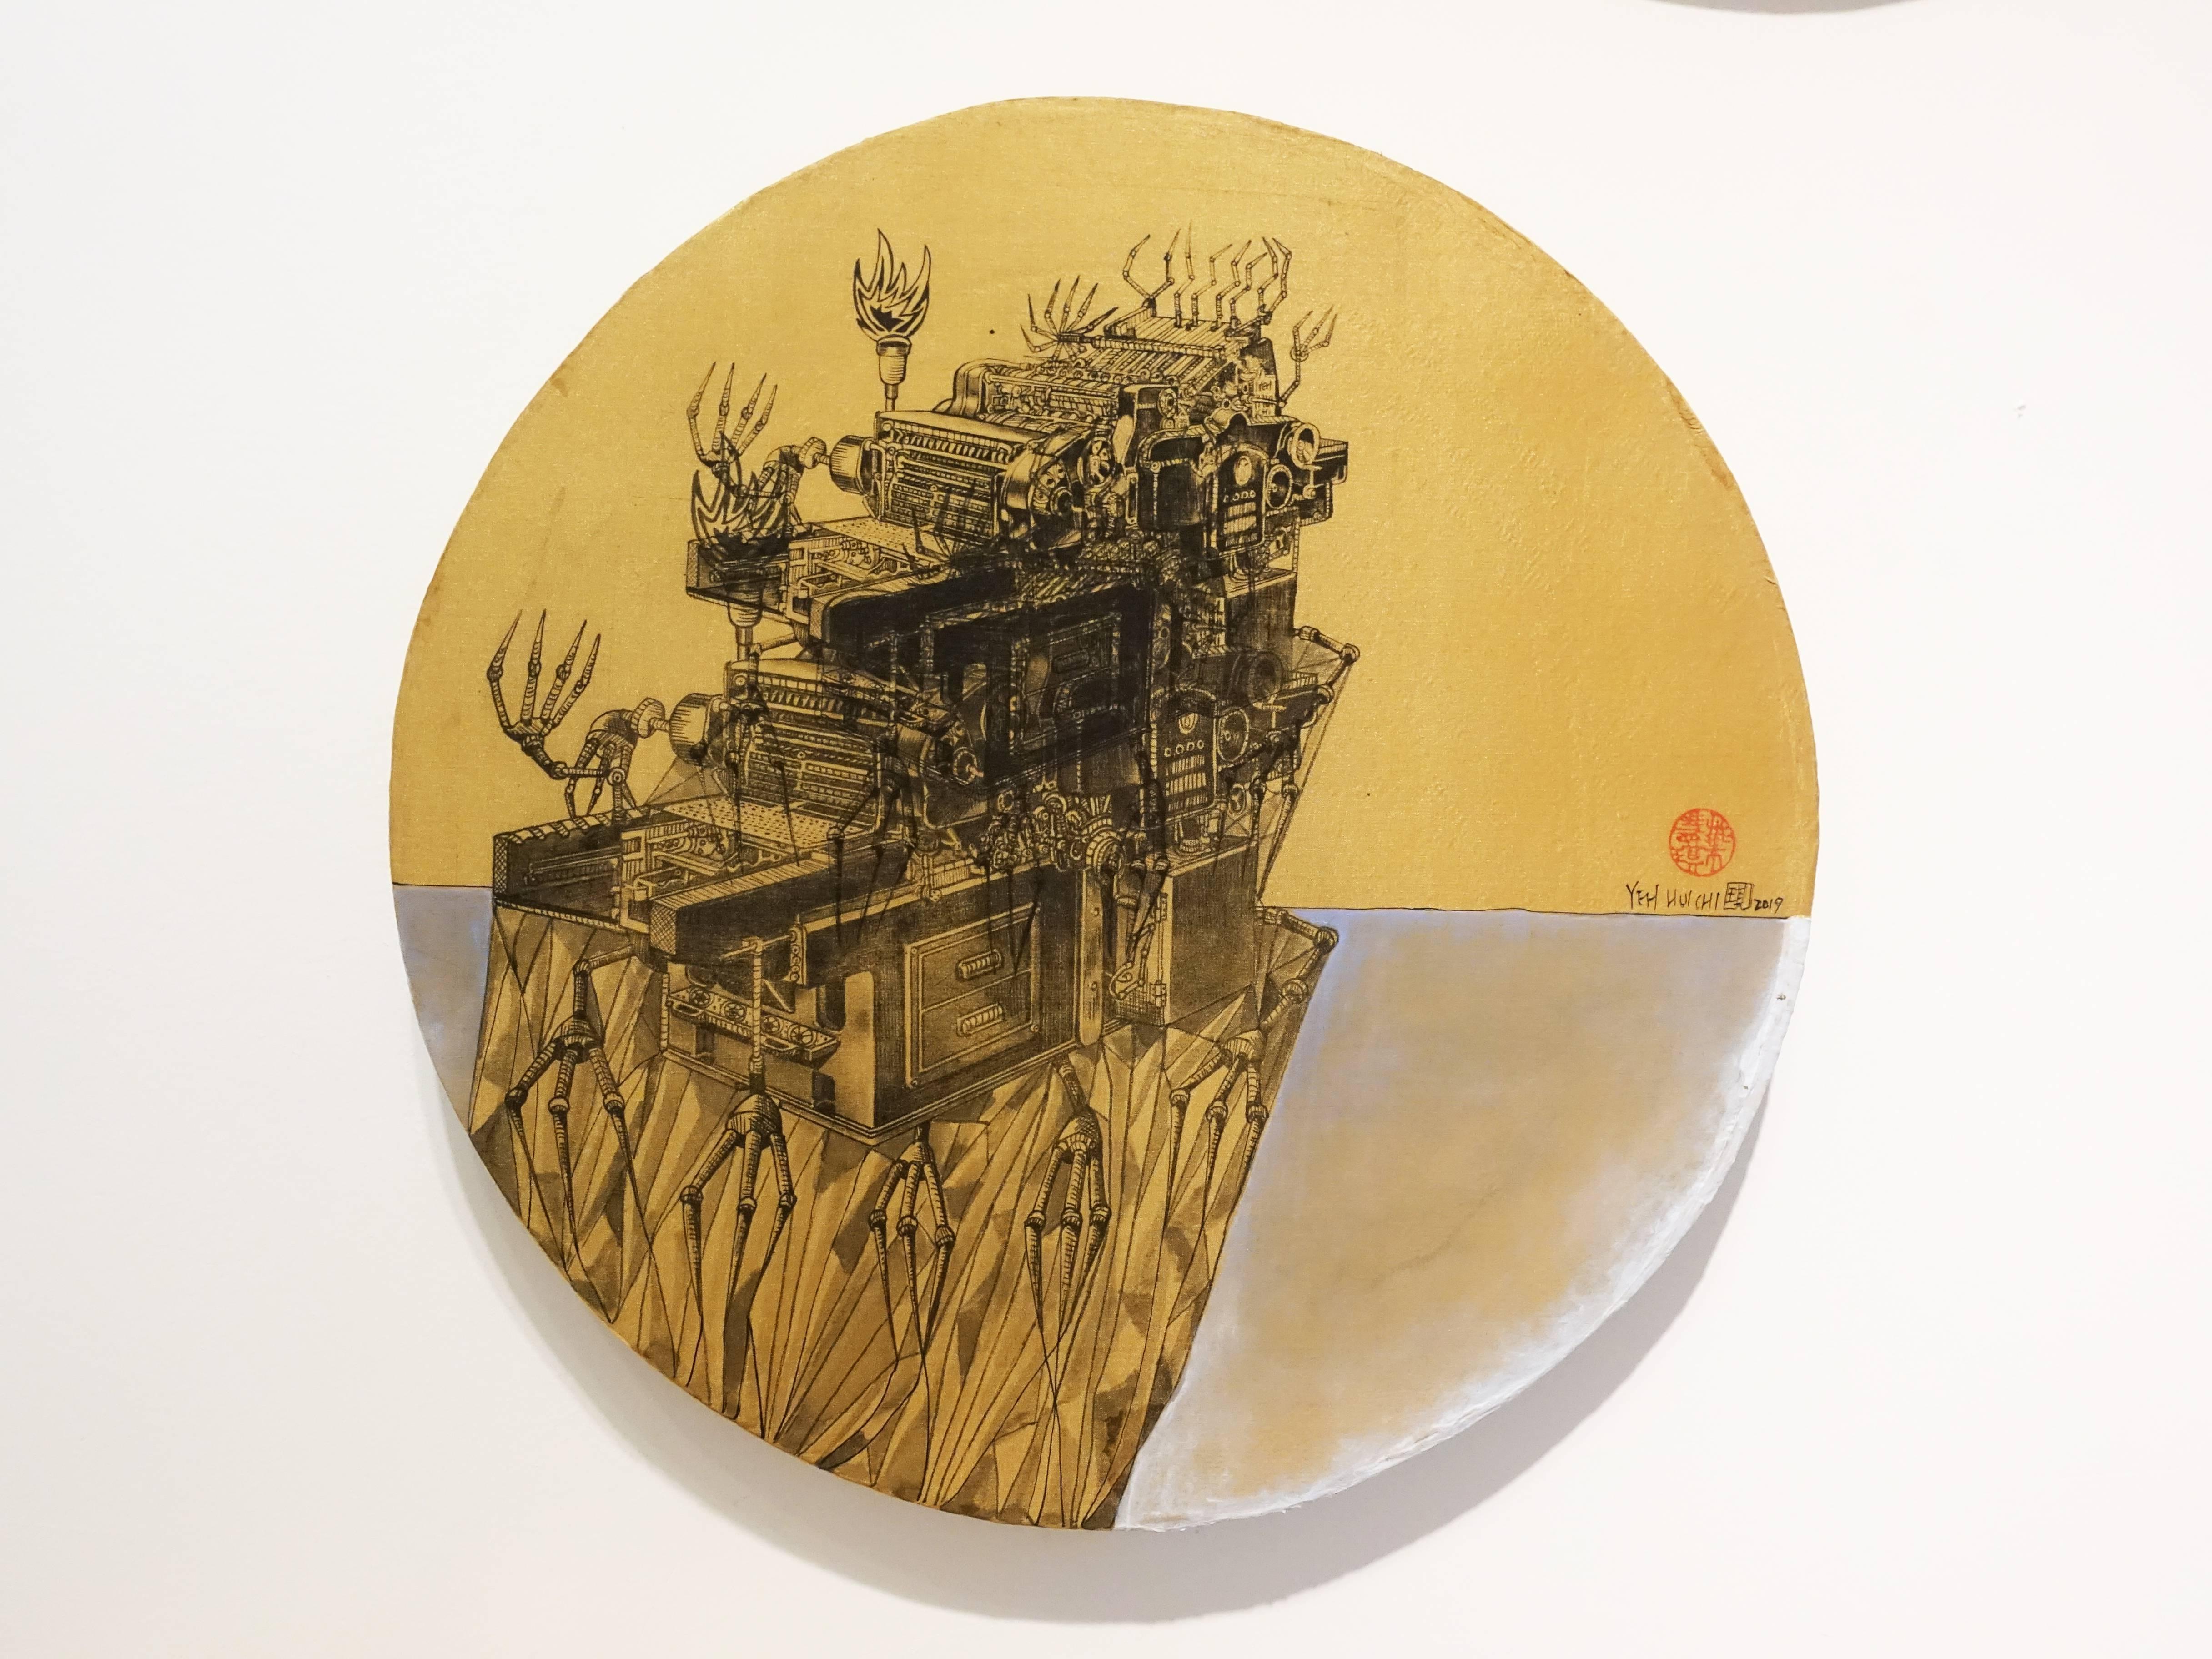 葉慧琪,《機械群45》,30 x 30 cm,綜合媒材、絹布。